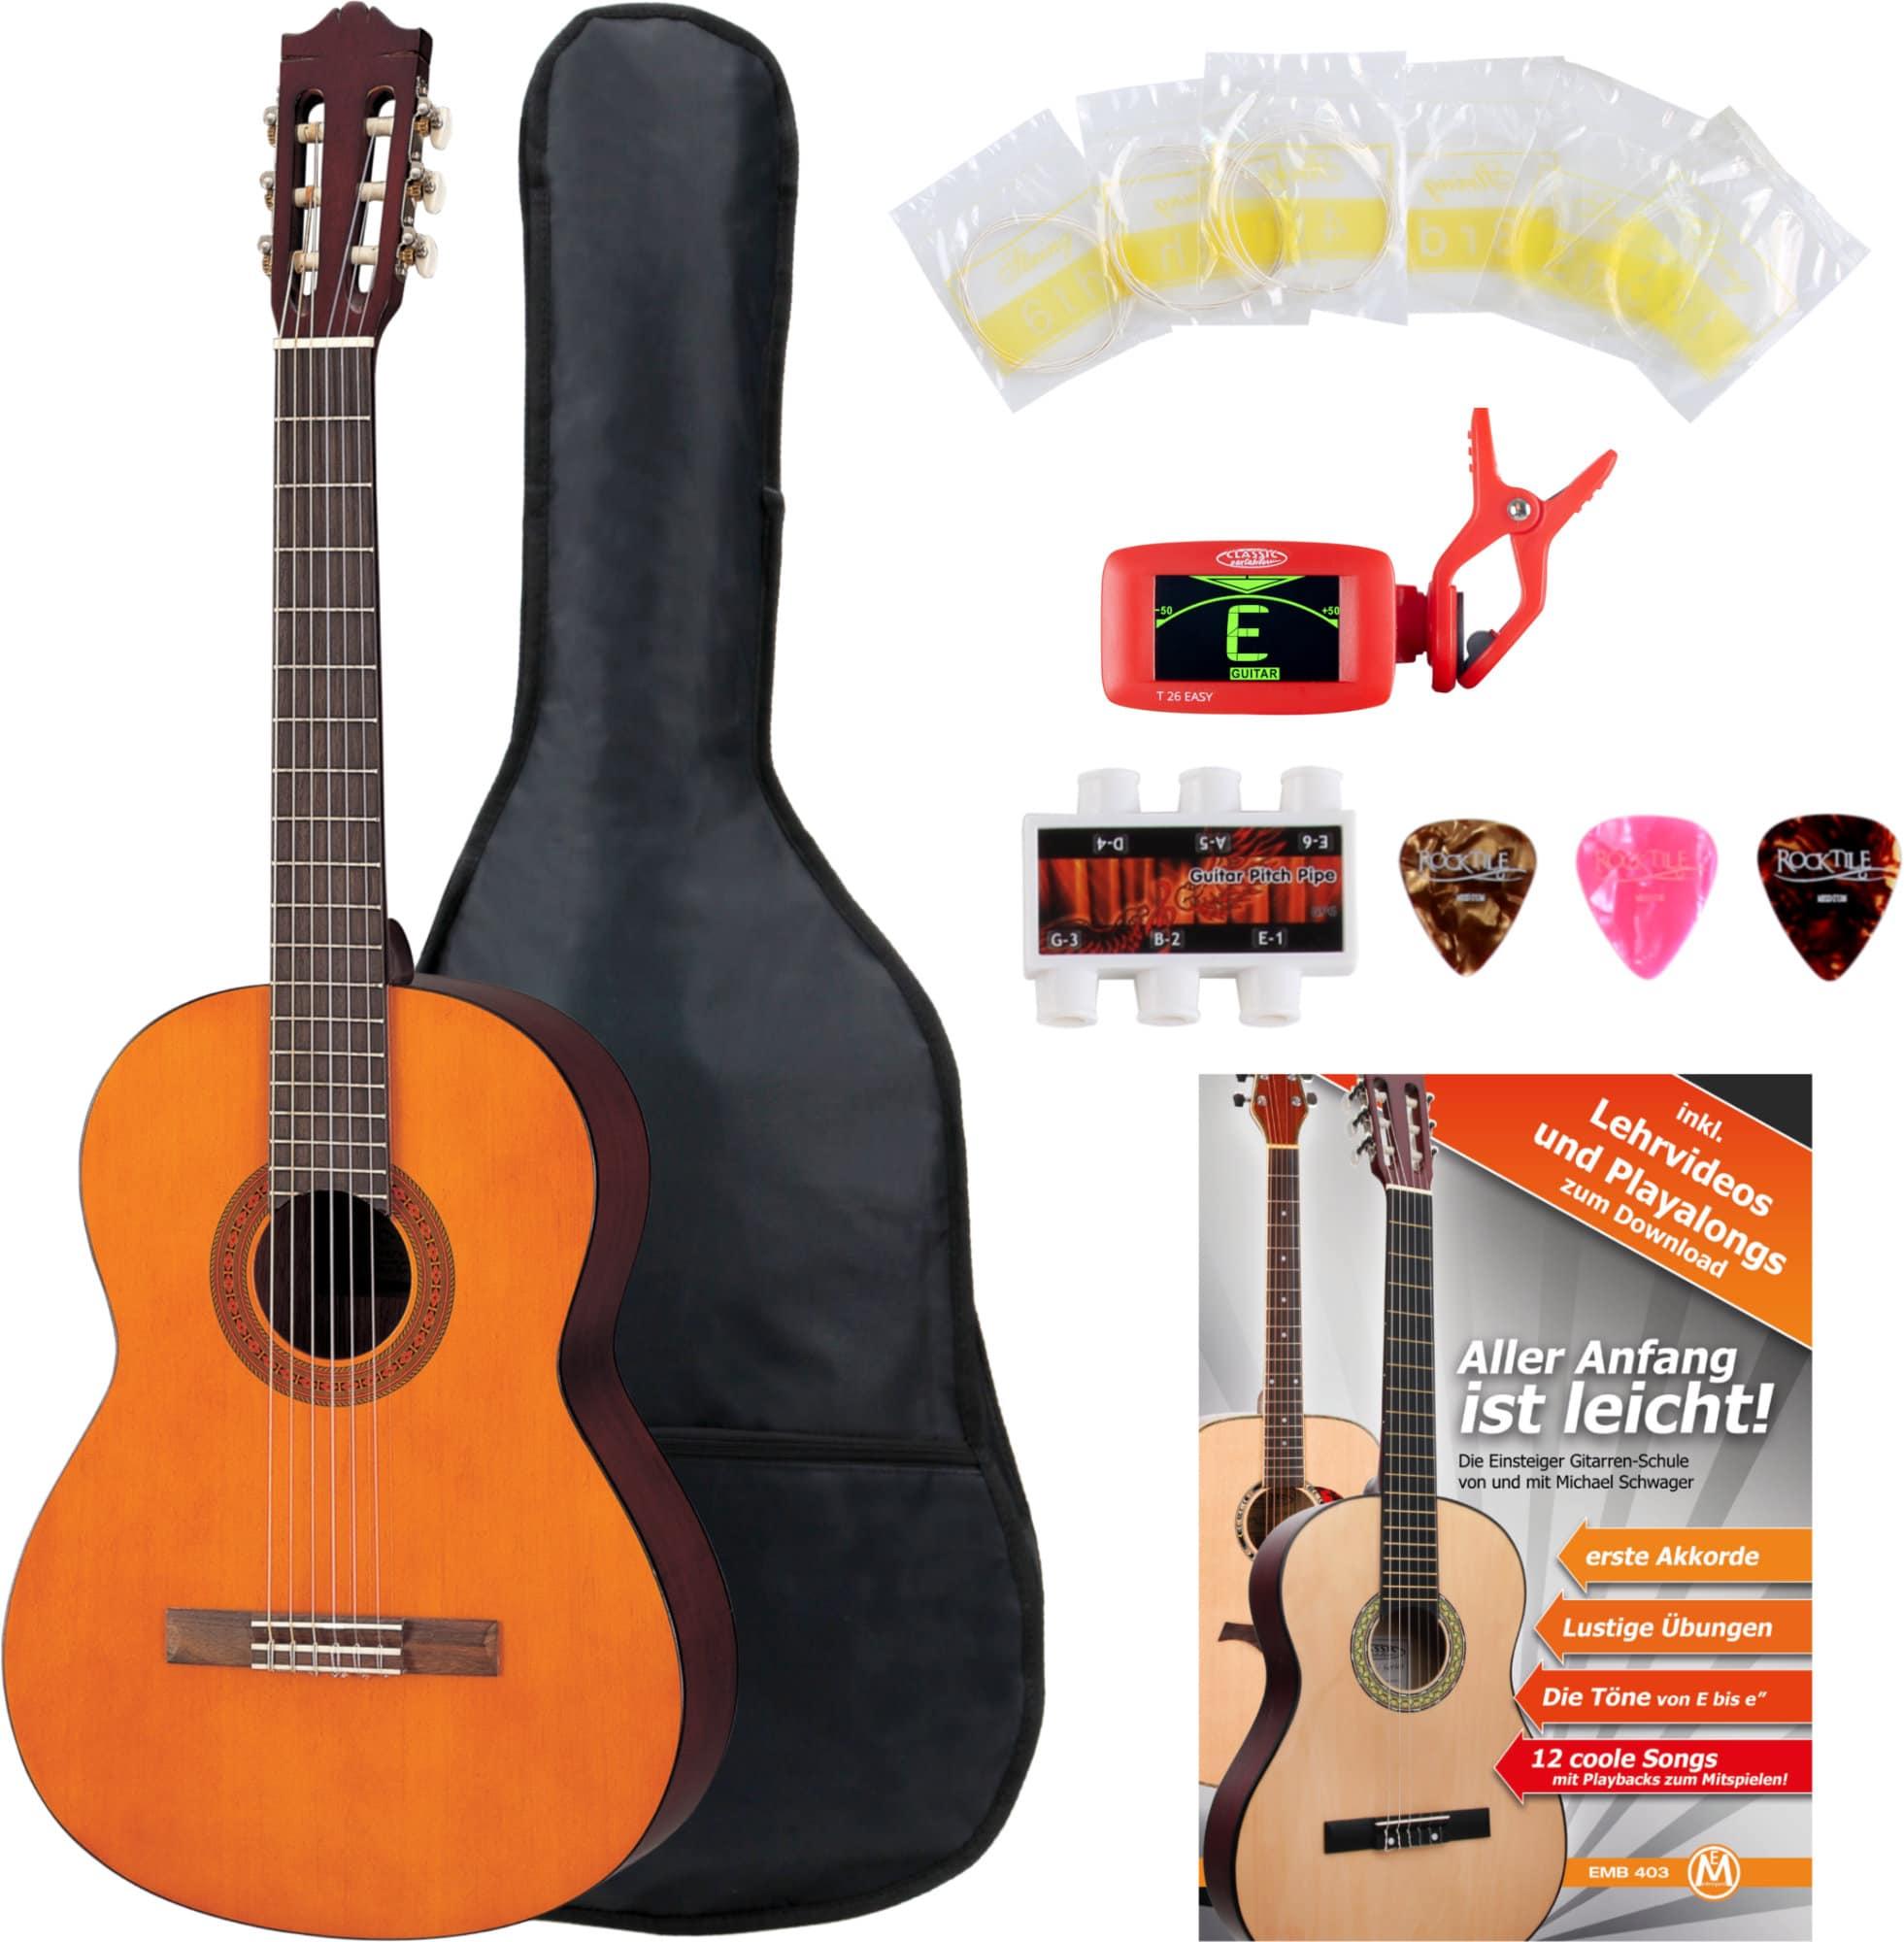 yamaha c40 konzertgitarre set inkl zubeh rset tuner. Black Bedroom Furniture Sets. Home Design Ideas